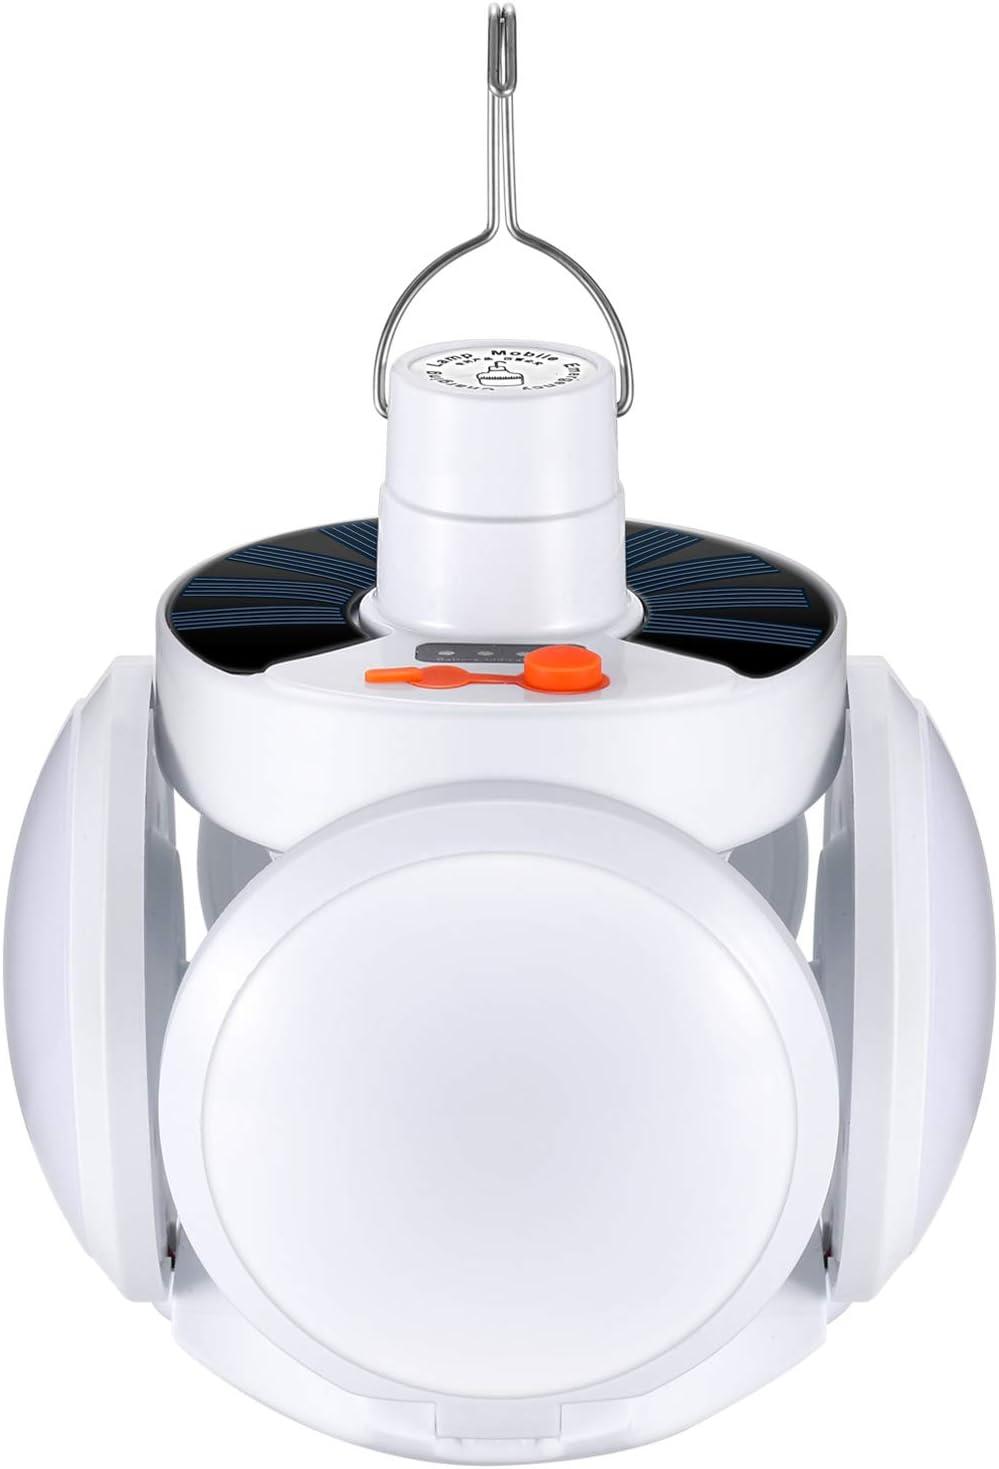 Tragbar USB Aufladbar Zelt Camping Lampe Fernbedienung Hängen Licht Laterne